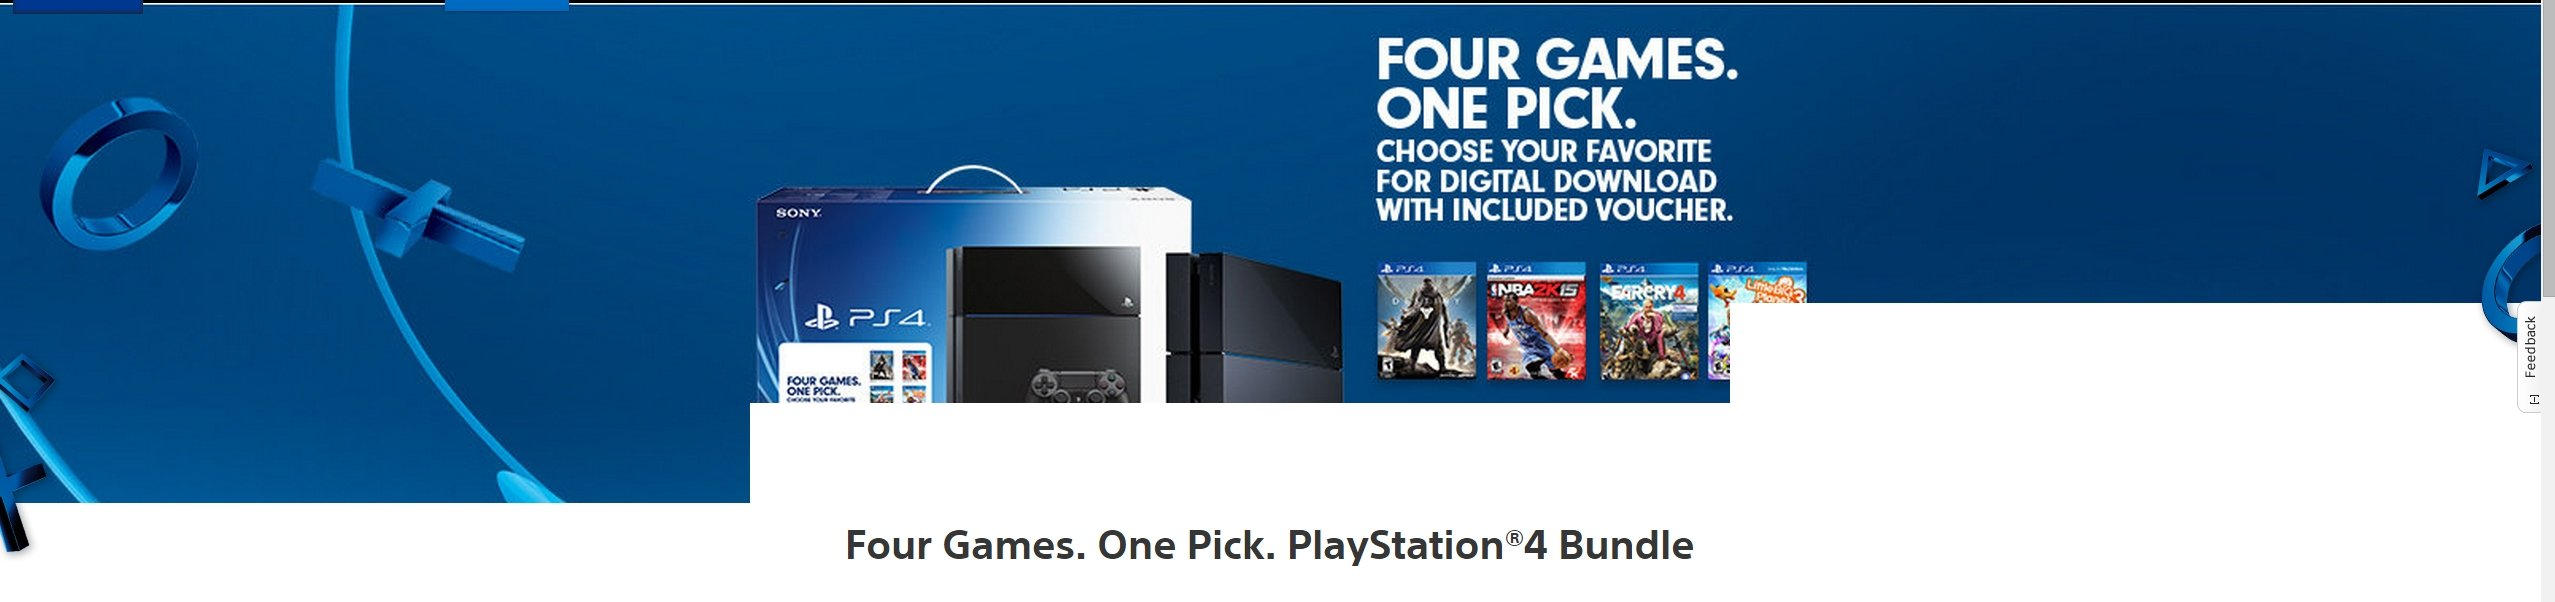 Царский бандлище PS 4 ! Целых 4 игры в нагрузку к консоли и всего за 399 баксов ! - Изображение 1